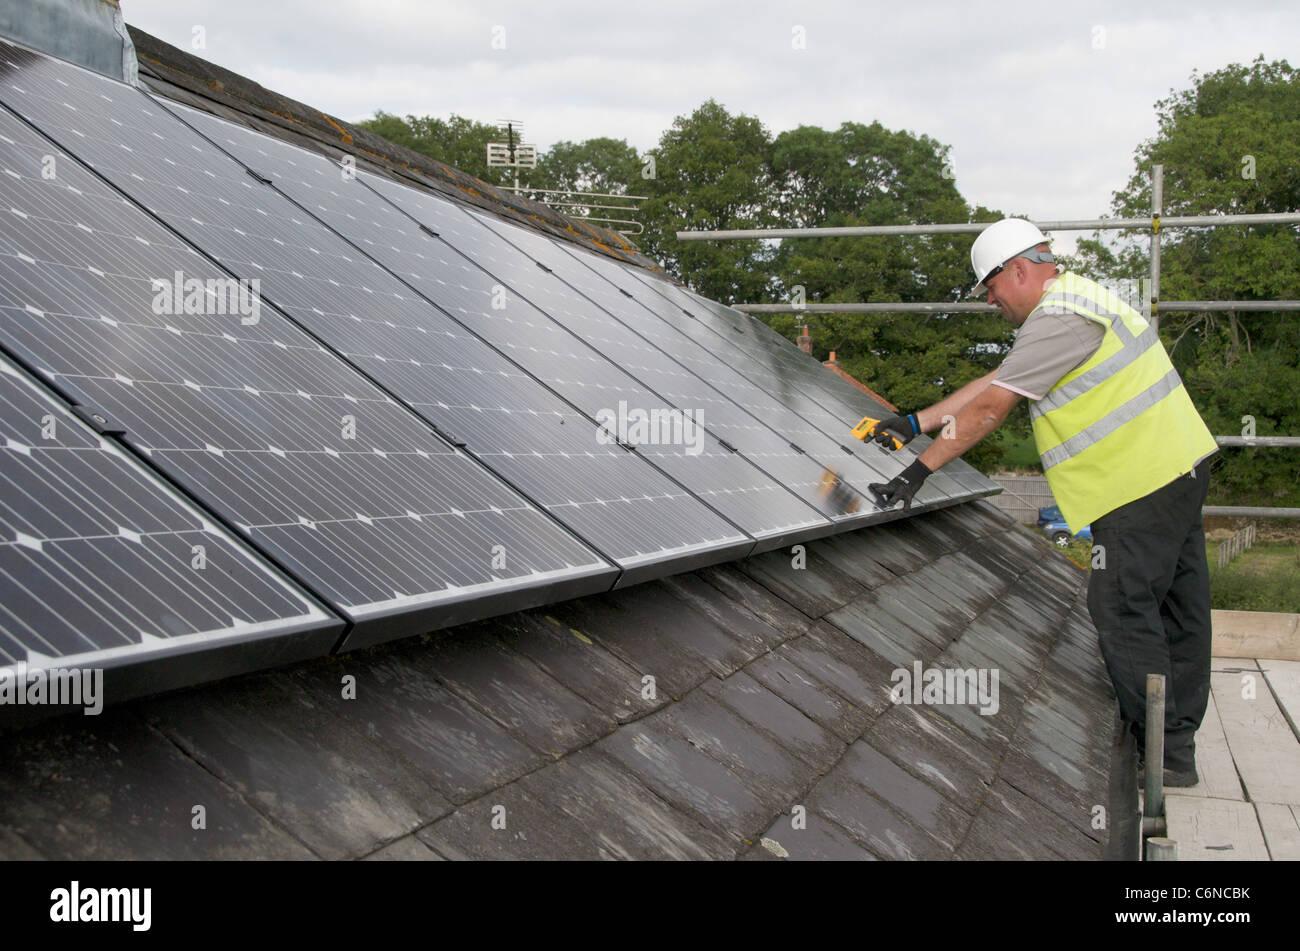 Paneles fotovoltaicos en el techo utilizando la energía solar para crear electricidad Imagen De Stock